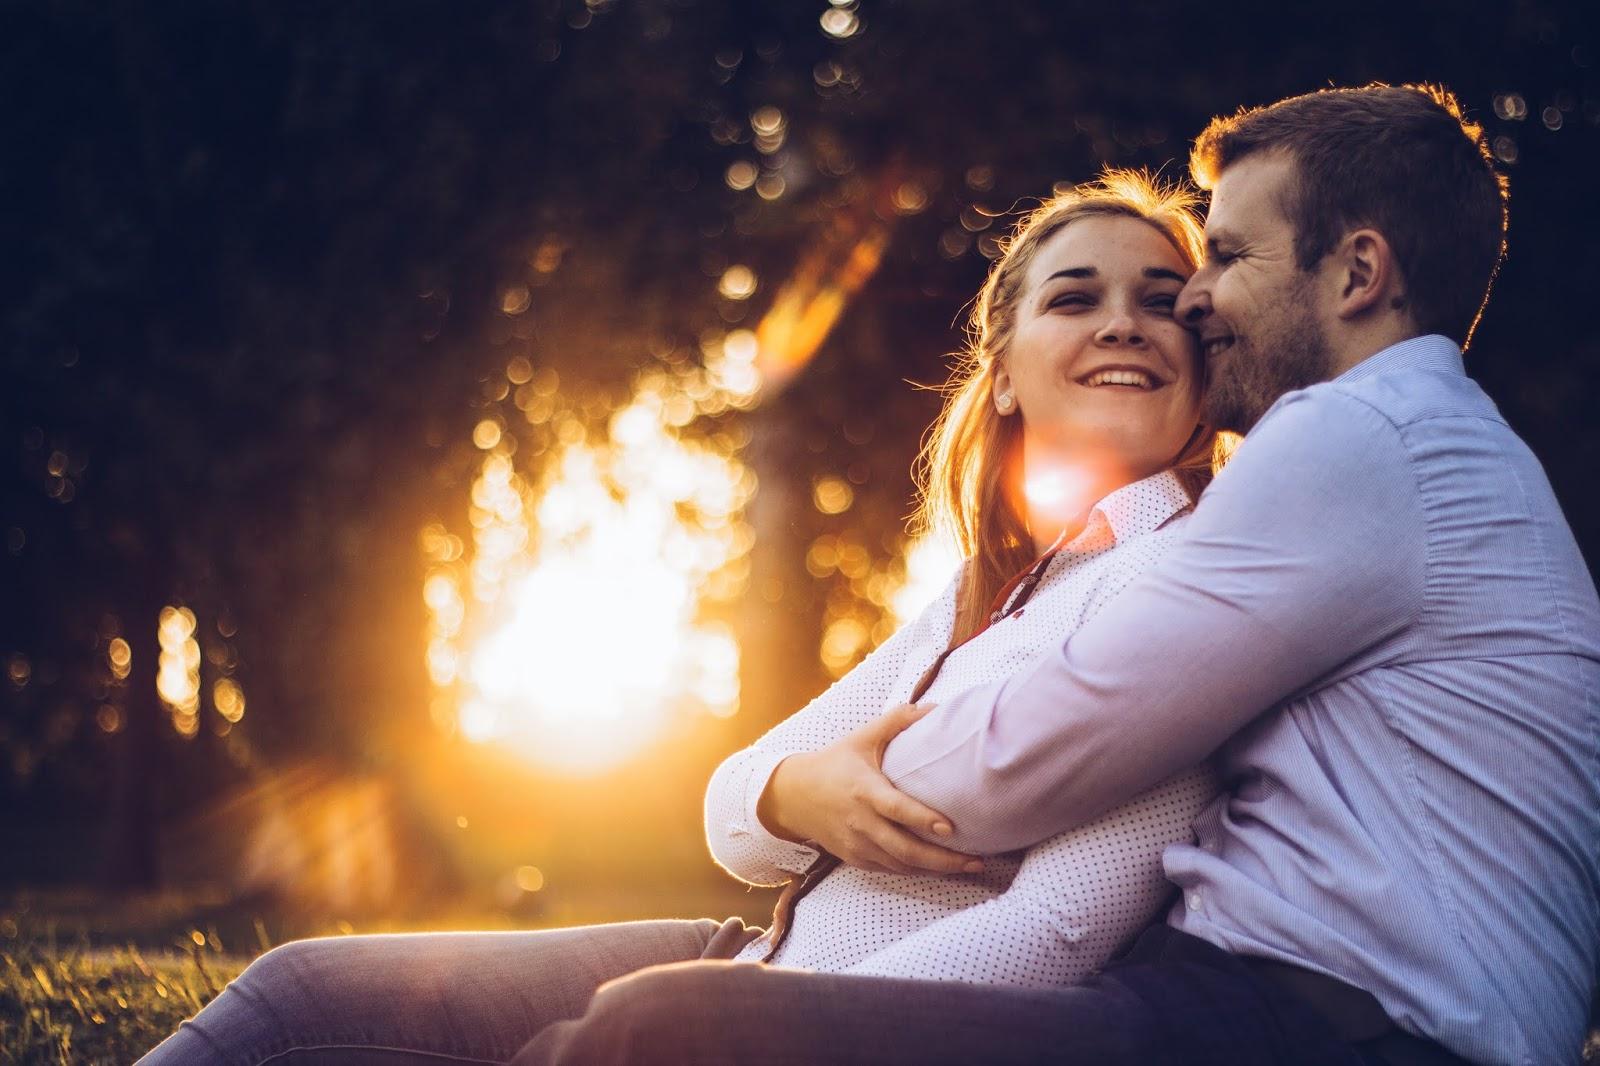 صورة صورجميله عن الحب 2019 , الحب في 2019 بالصور